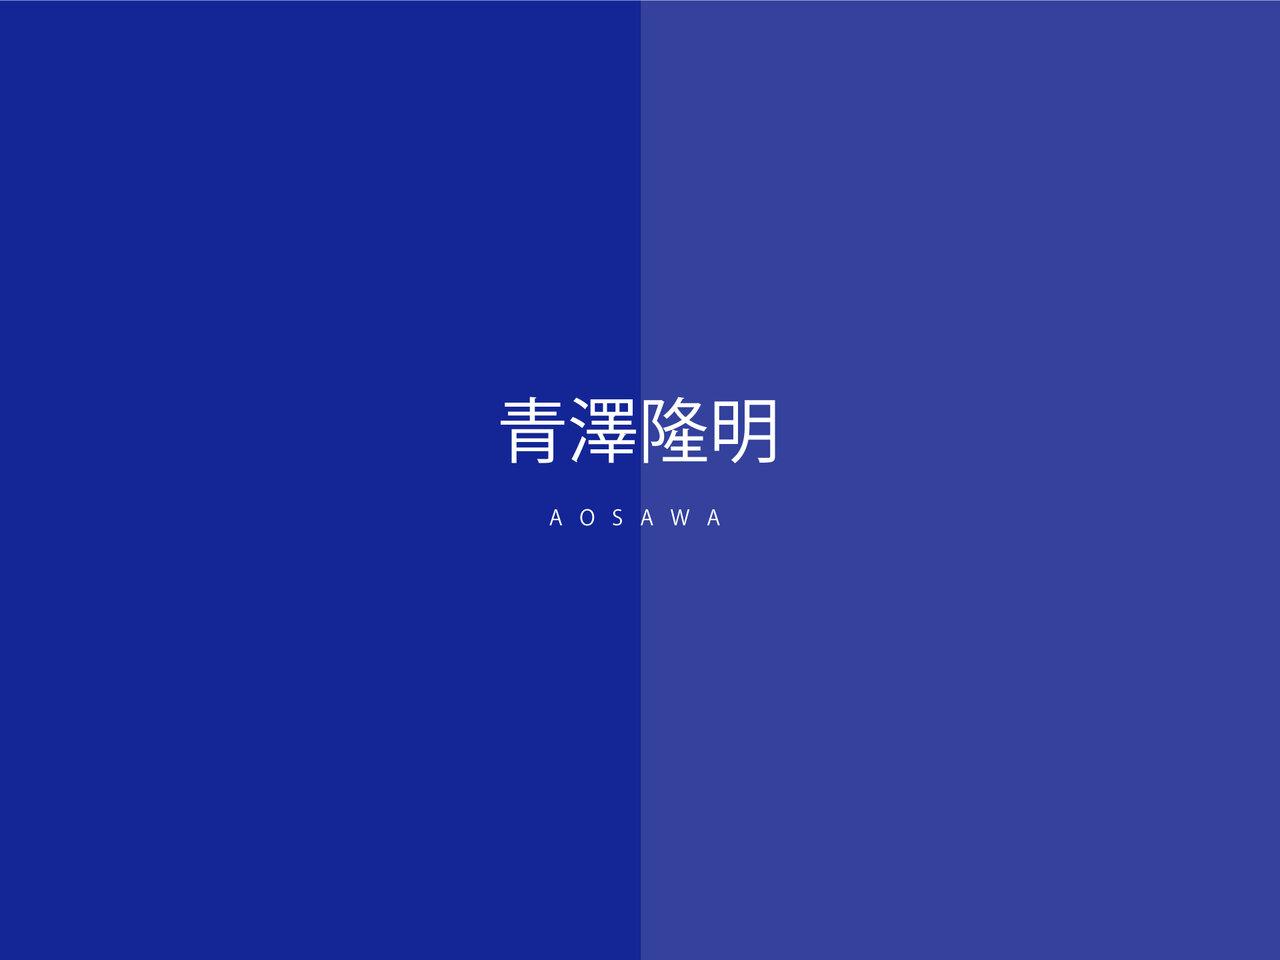 新世界はここにあり。- 井上道義と日本フィルの「新世界より」